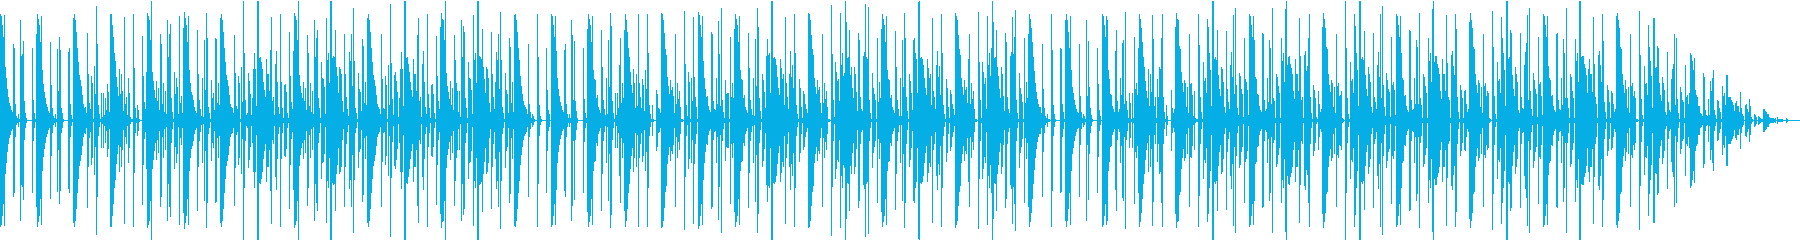 リズムボックスでいびつなテクノビートの再生済みの波形